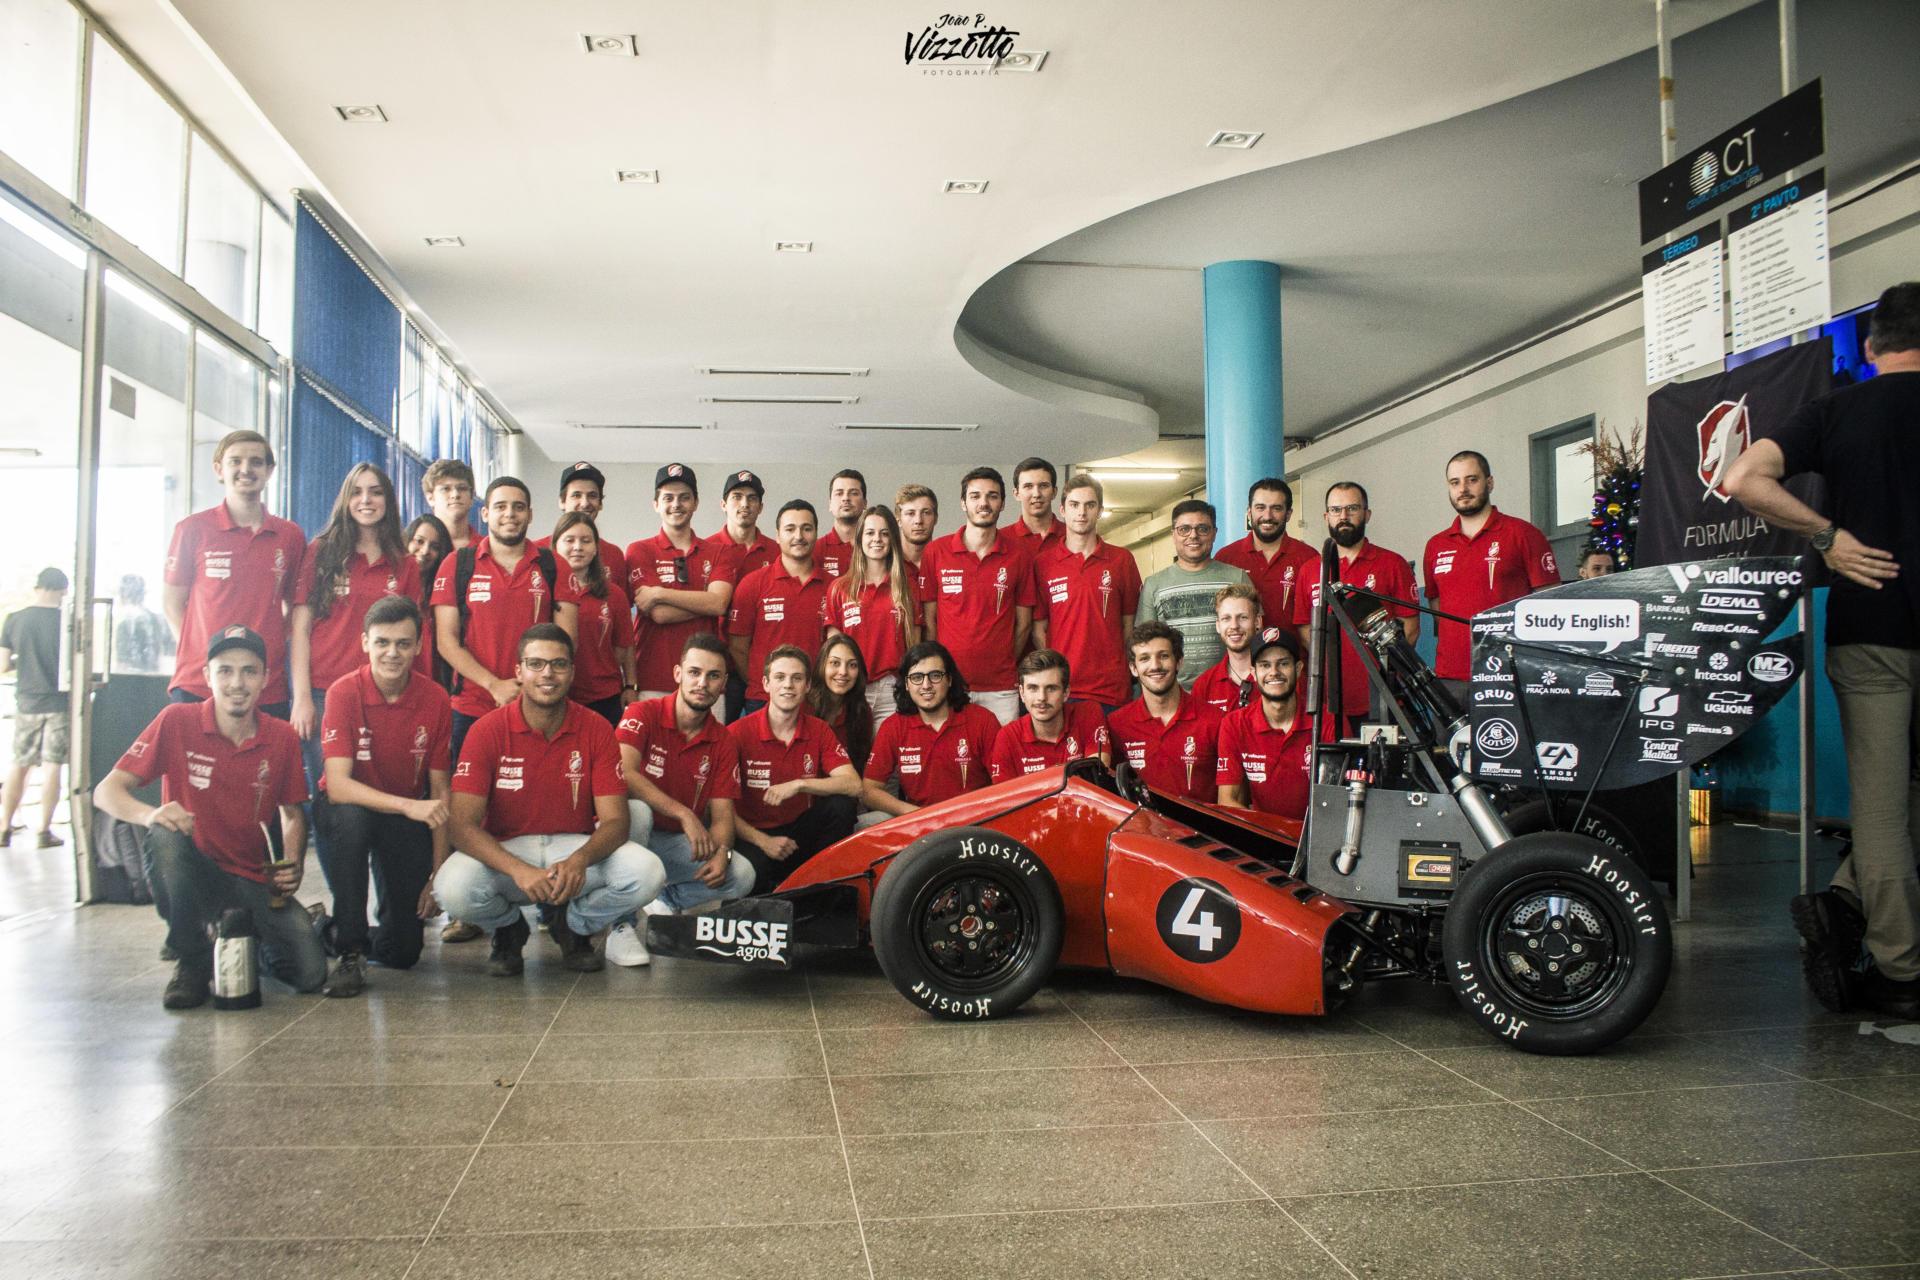 Em torno de 20 componentes da equipe Formula UFSM, de camiseta vermelha, posam junto ao protótipo do carro, no hall do CT